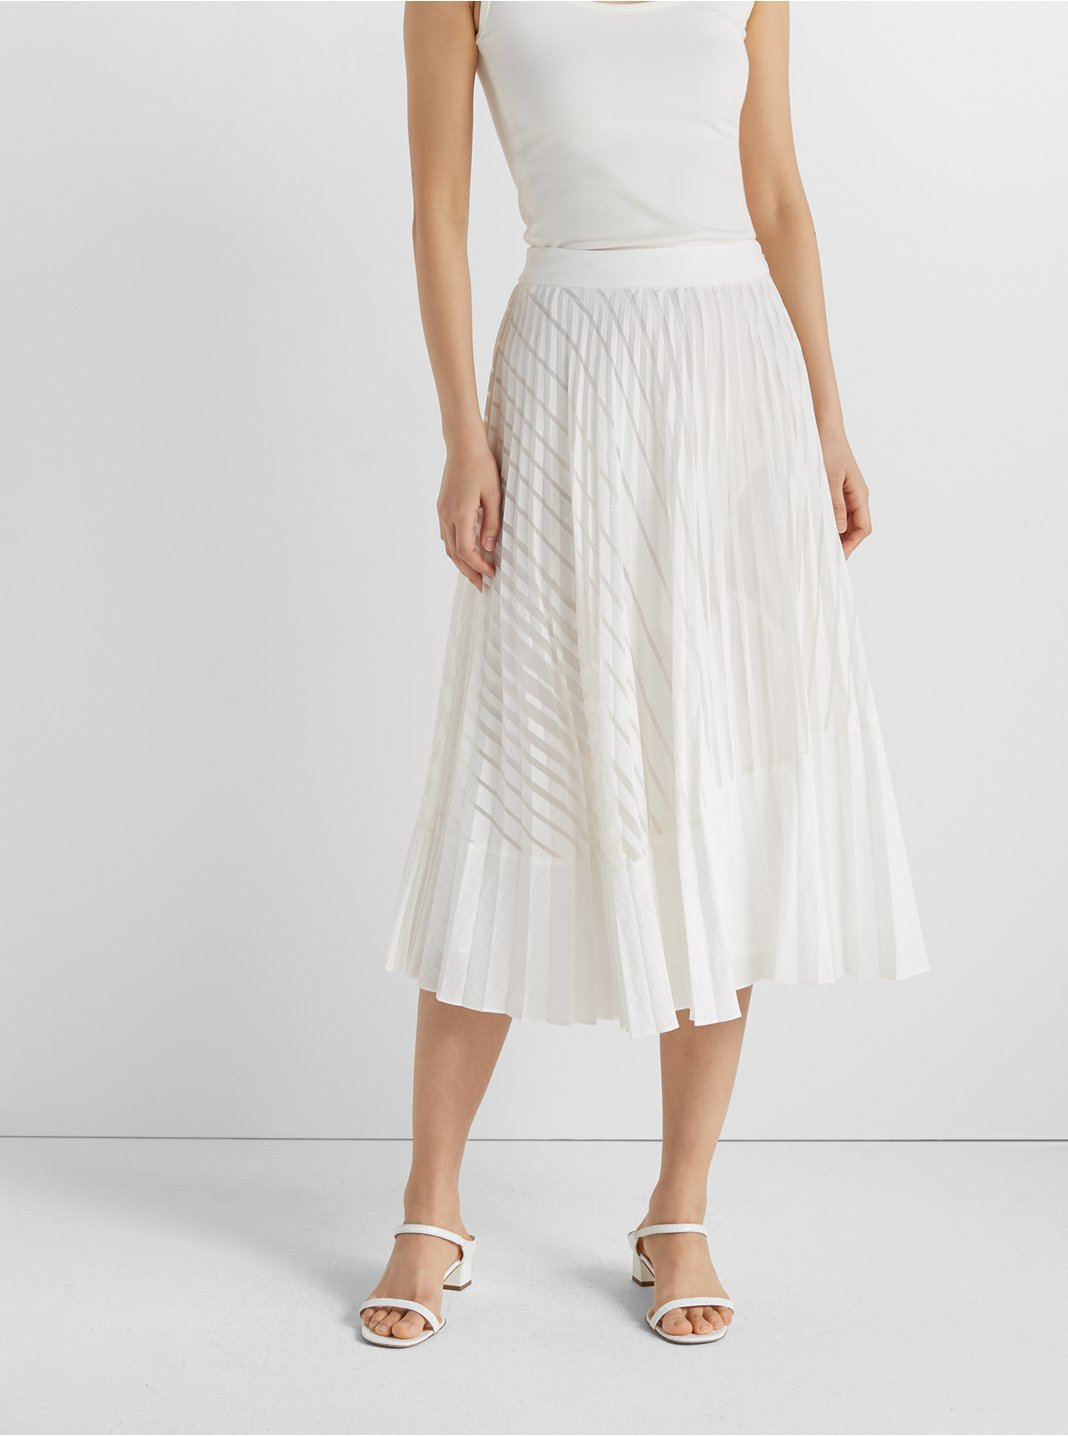 클럽 모나코 번아웃 주름 스커트 Club Monaco Burnout Pleated Skirt,White Combo